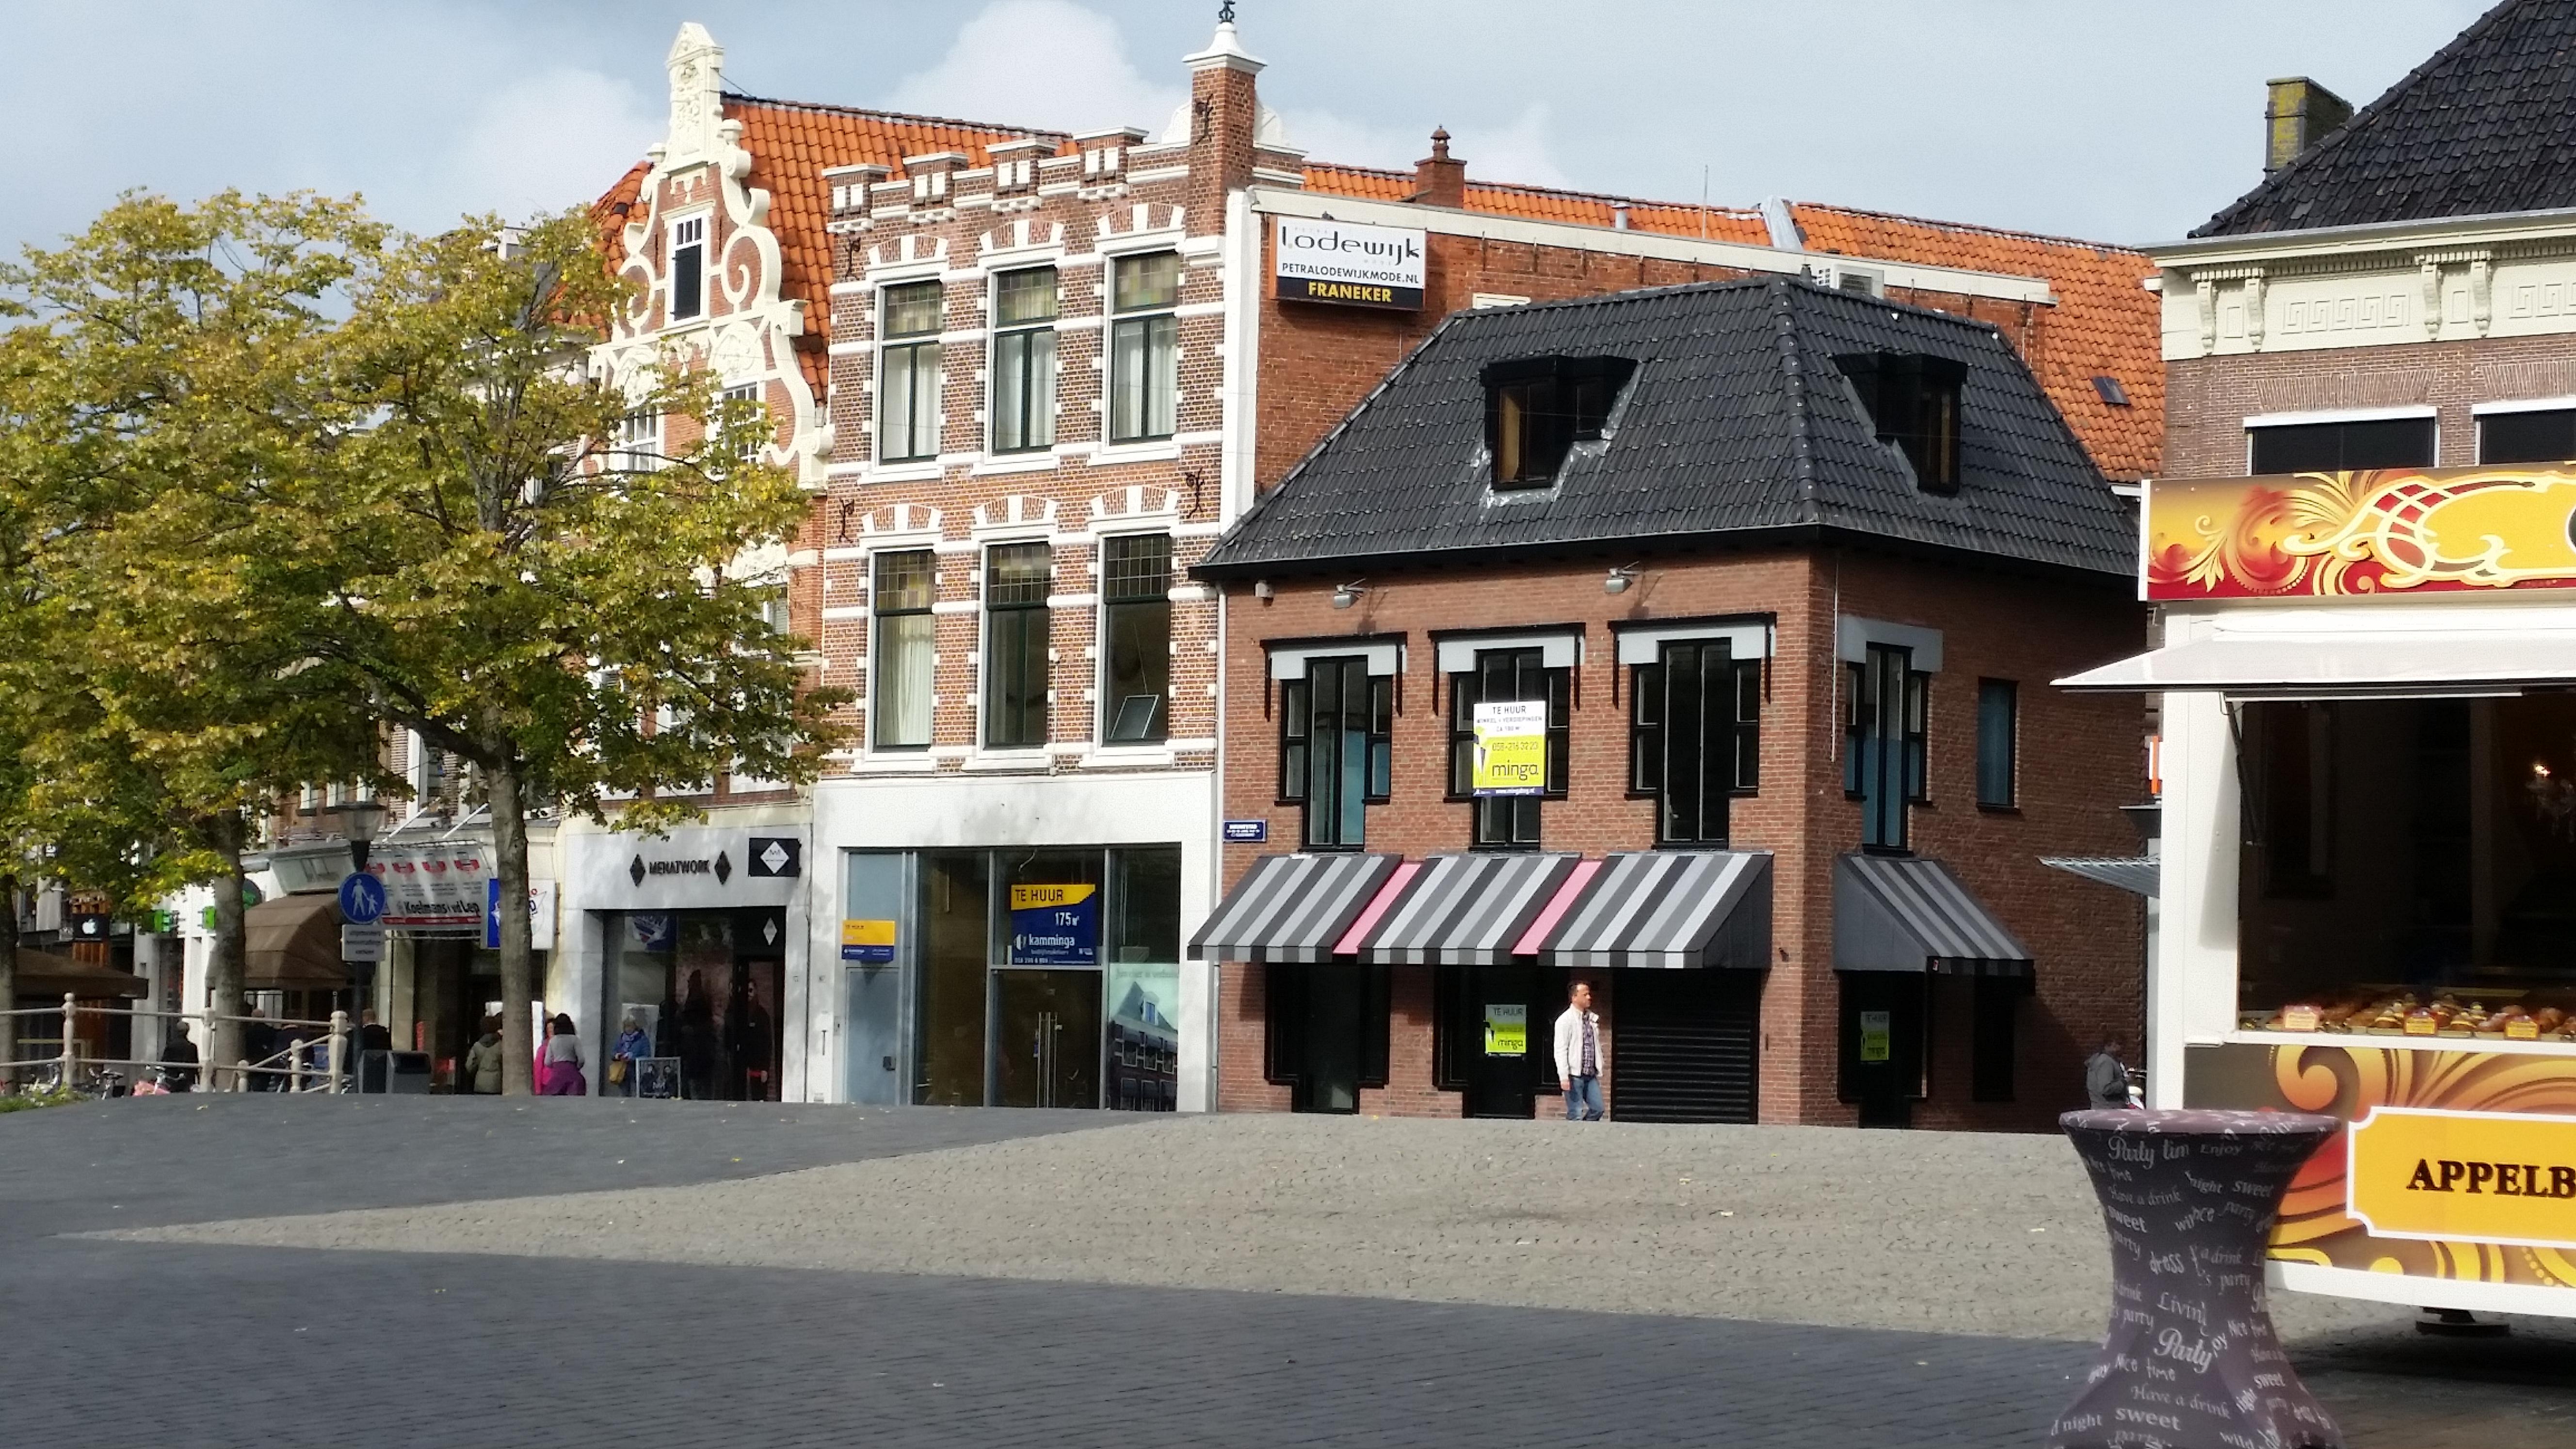 Te huur aangeboden: A1 lokatie in Leeuwarden (Nieuwestad 105). Bron: FranchiseFormules.NL